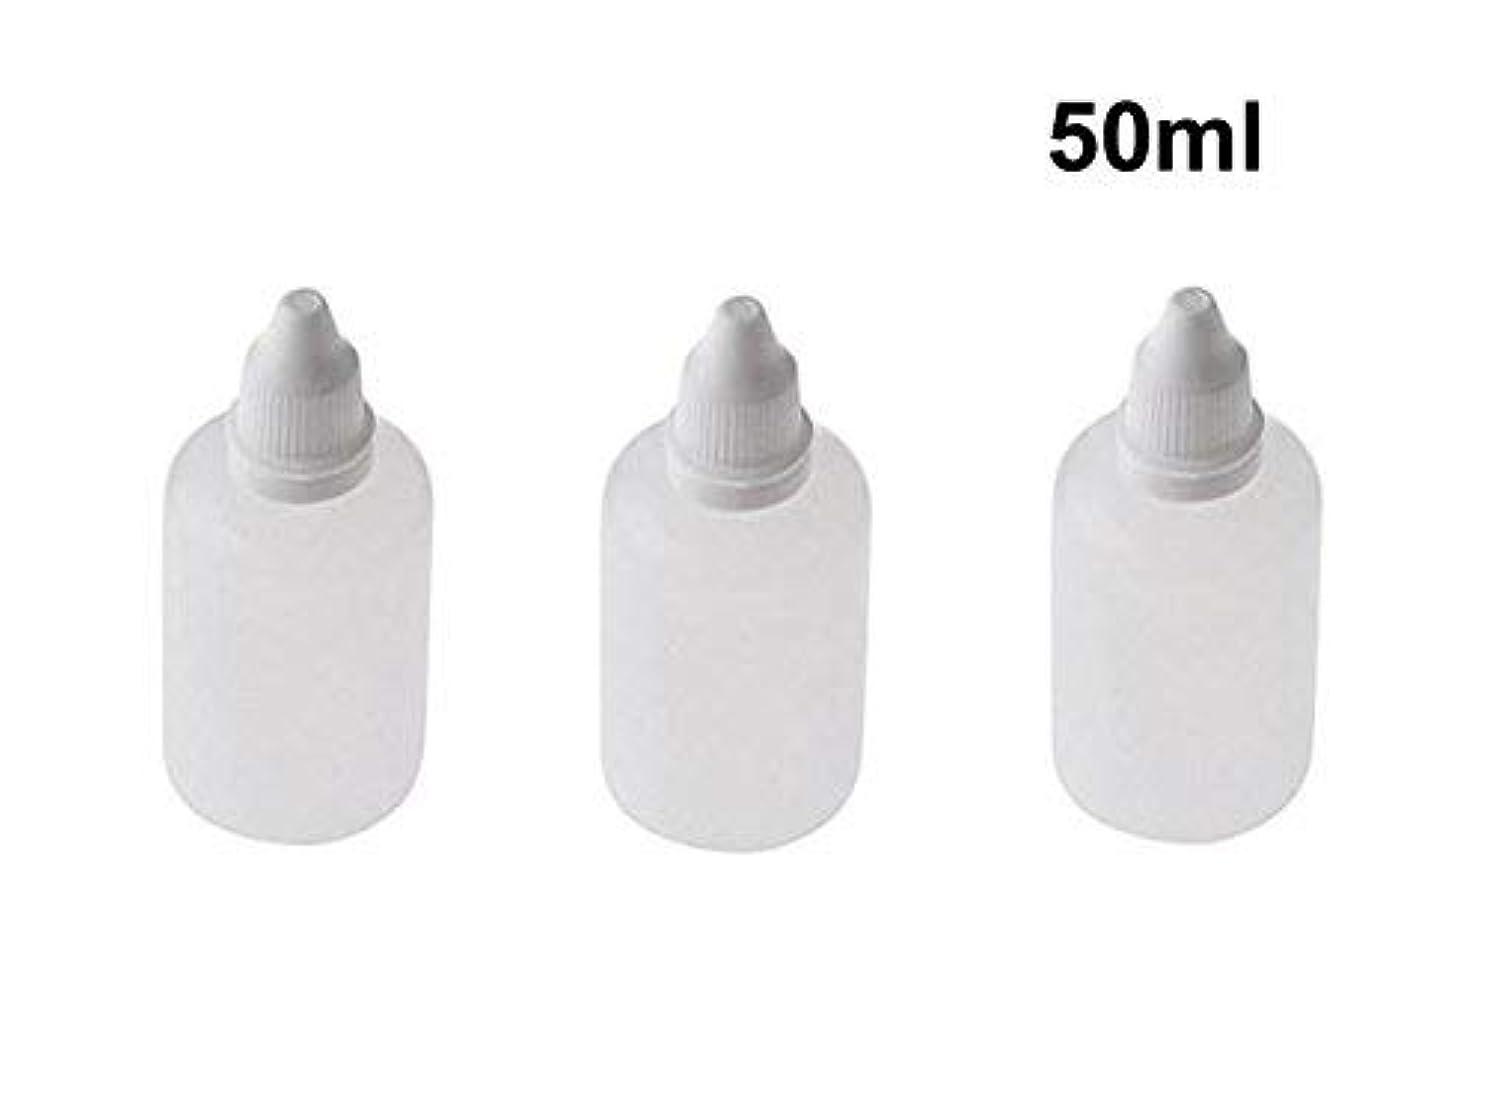 鷹ほとんどないデクリメント10 Pieces Empty Refillable Plastic Squeezable Dropper Bottles Portable Eye Liquid Vial with Screw Caps and Plugs Cosmetic Packaging Containers Essential Oil Container size 50ml [並行輸入品]